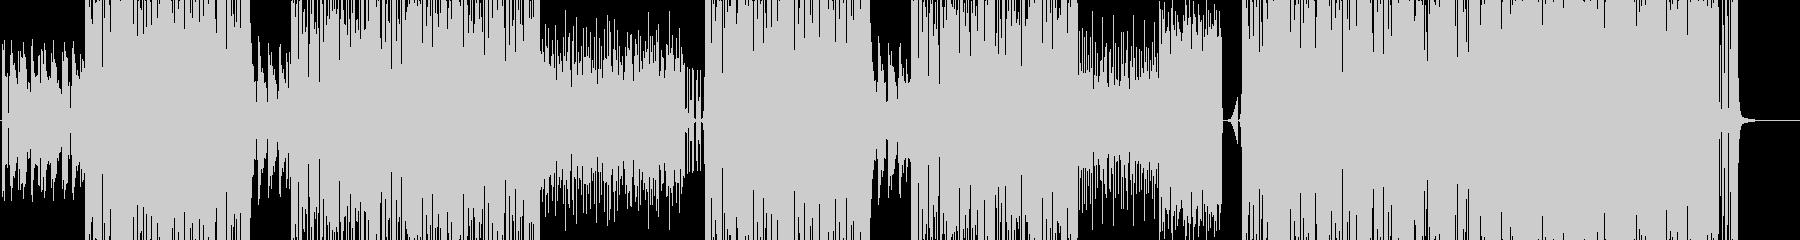 エモカワフューチャーベース/歌なしの未再生の波形